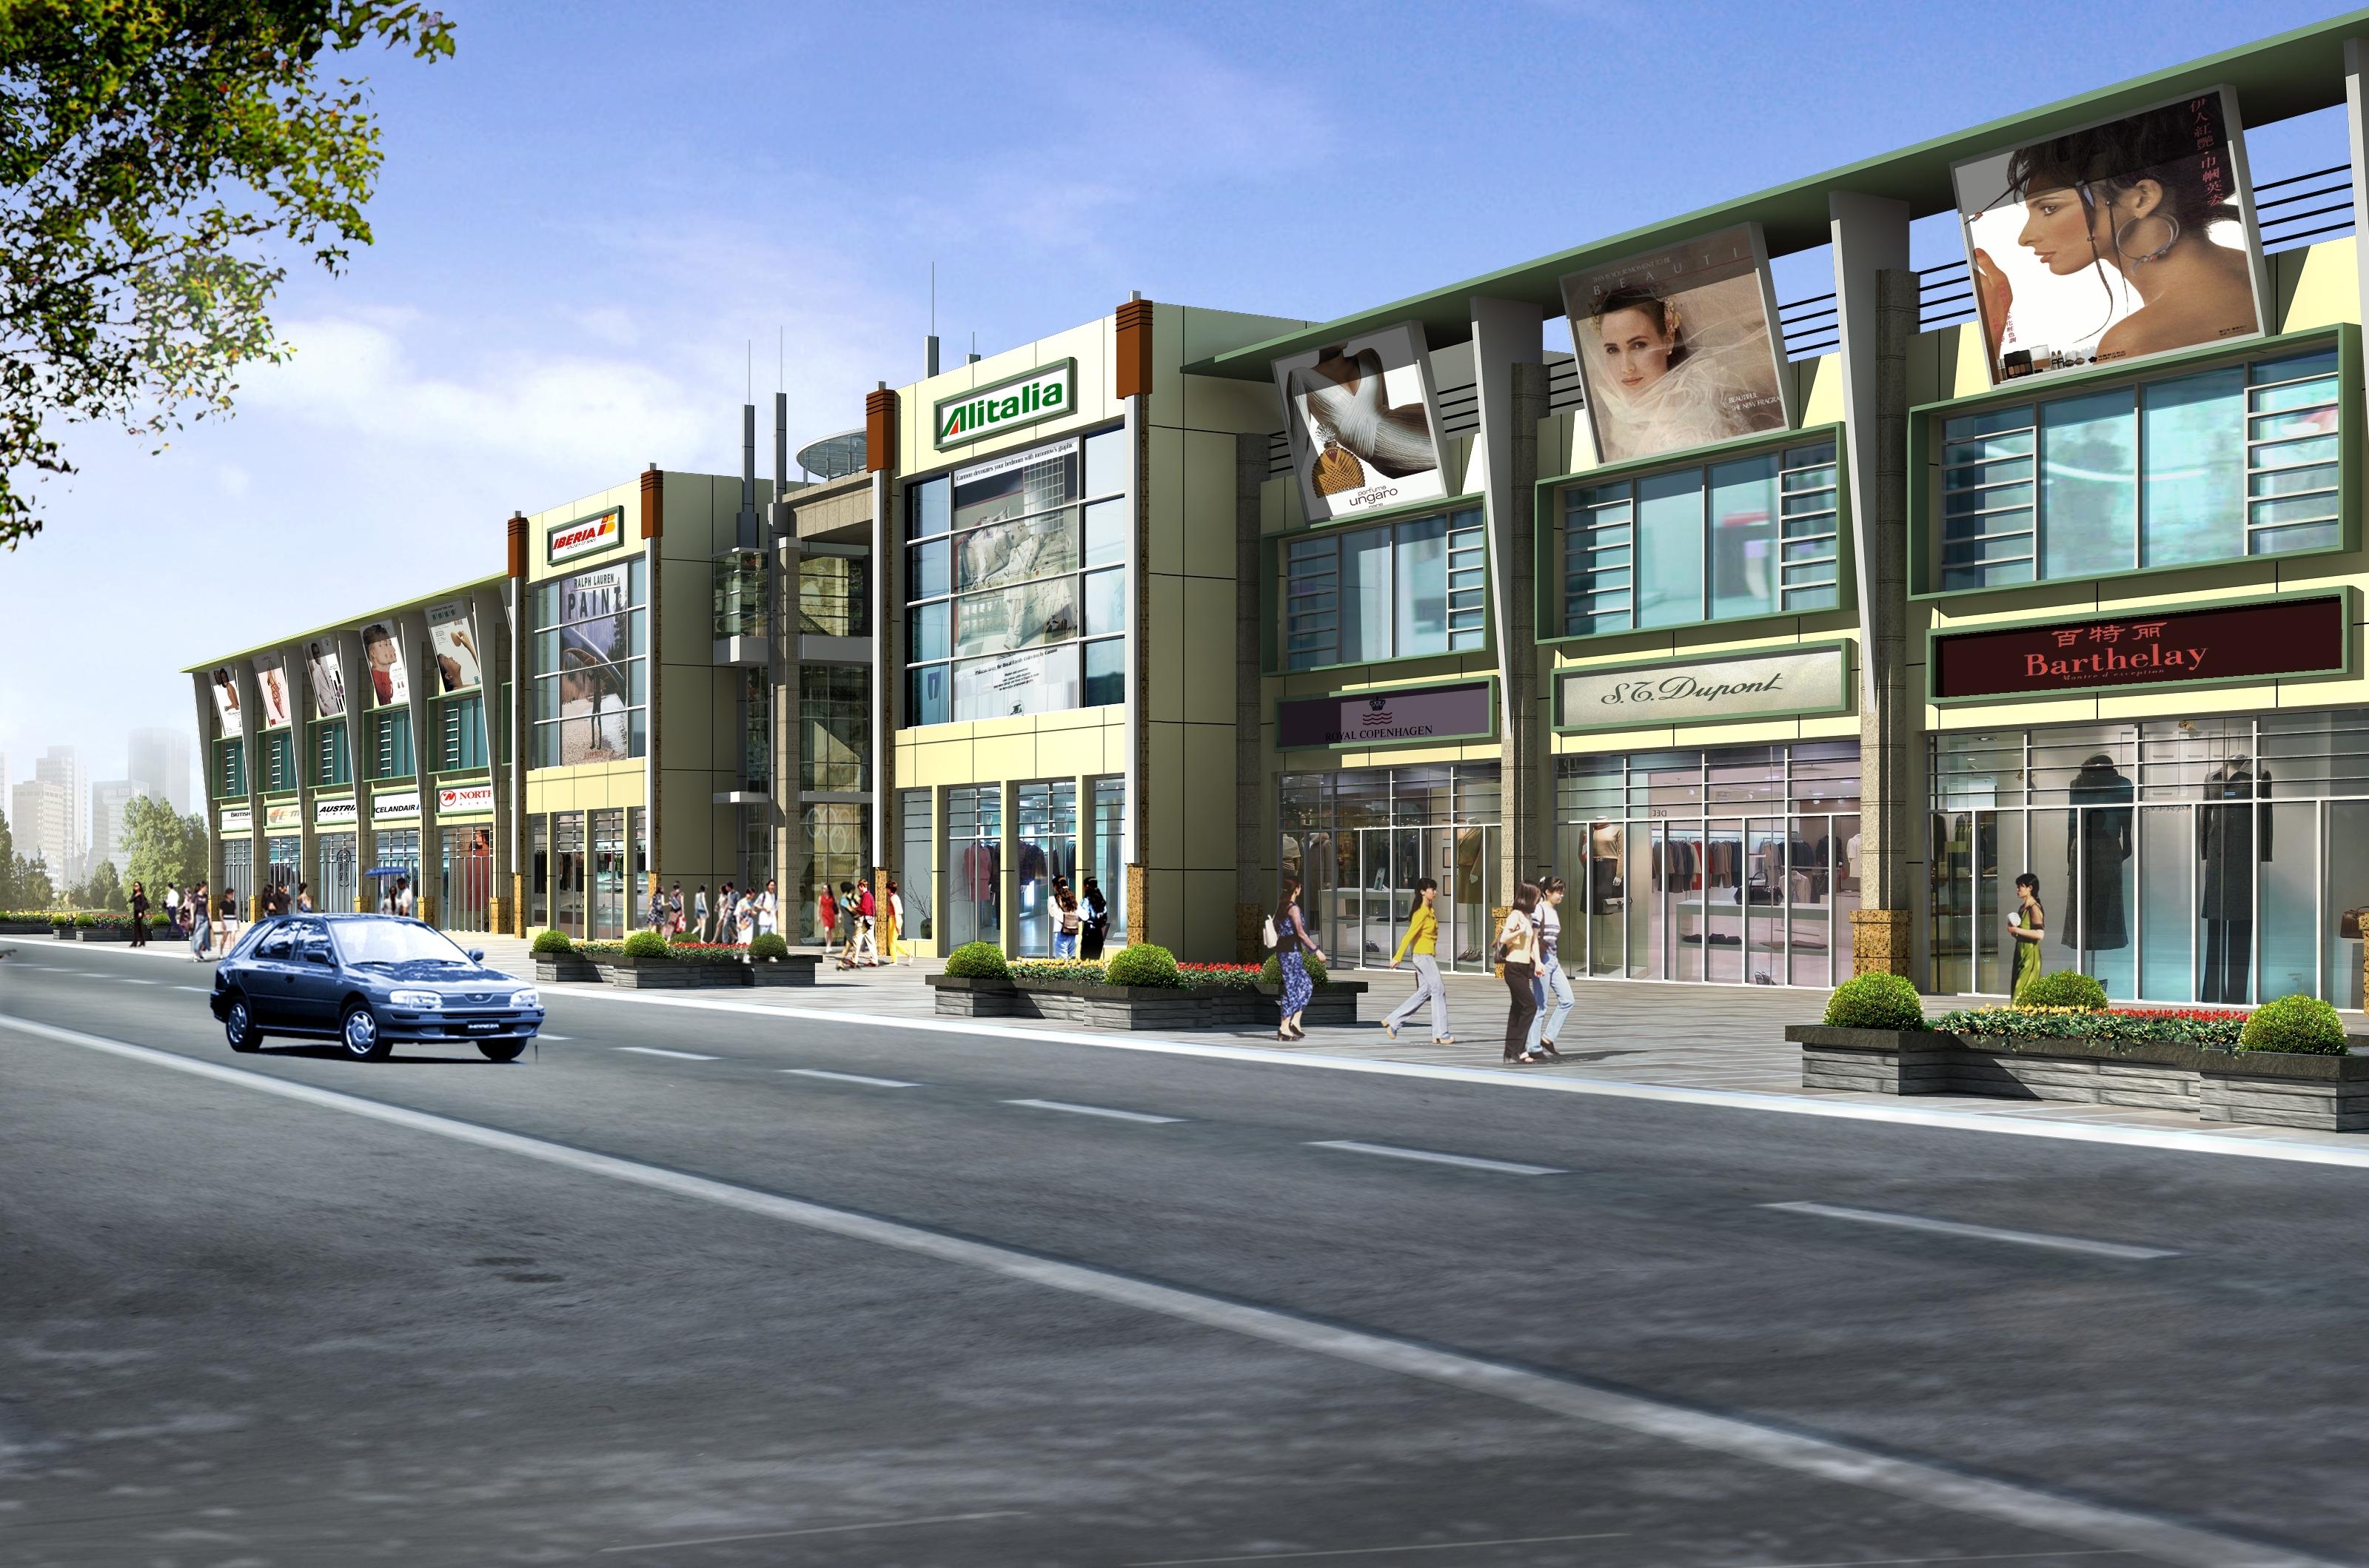 2层的商业建筑 高清图片